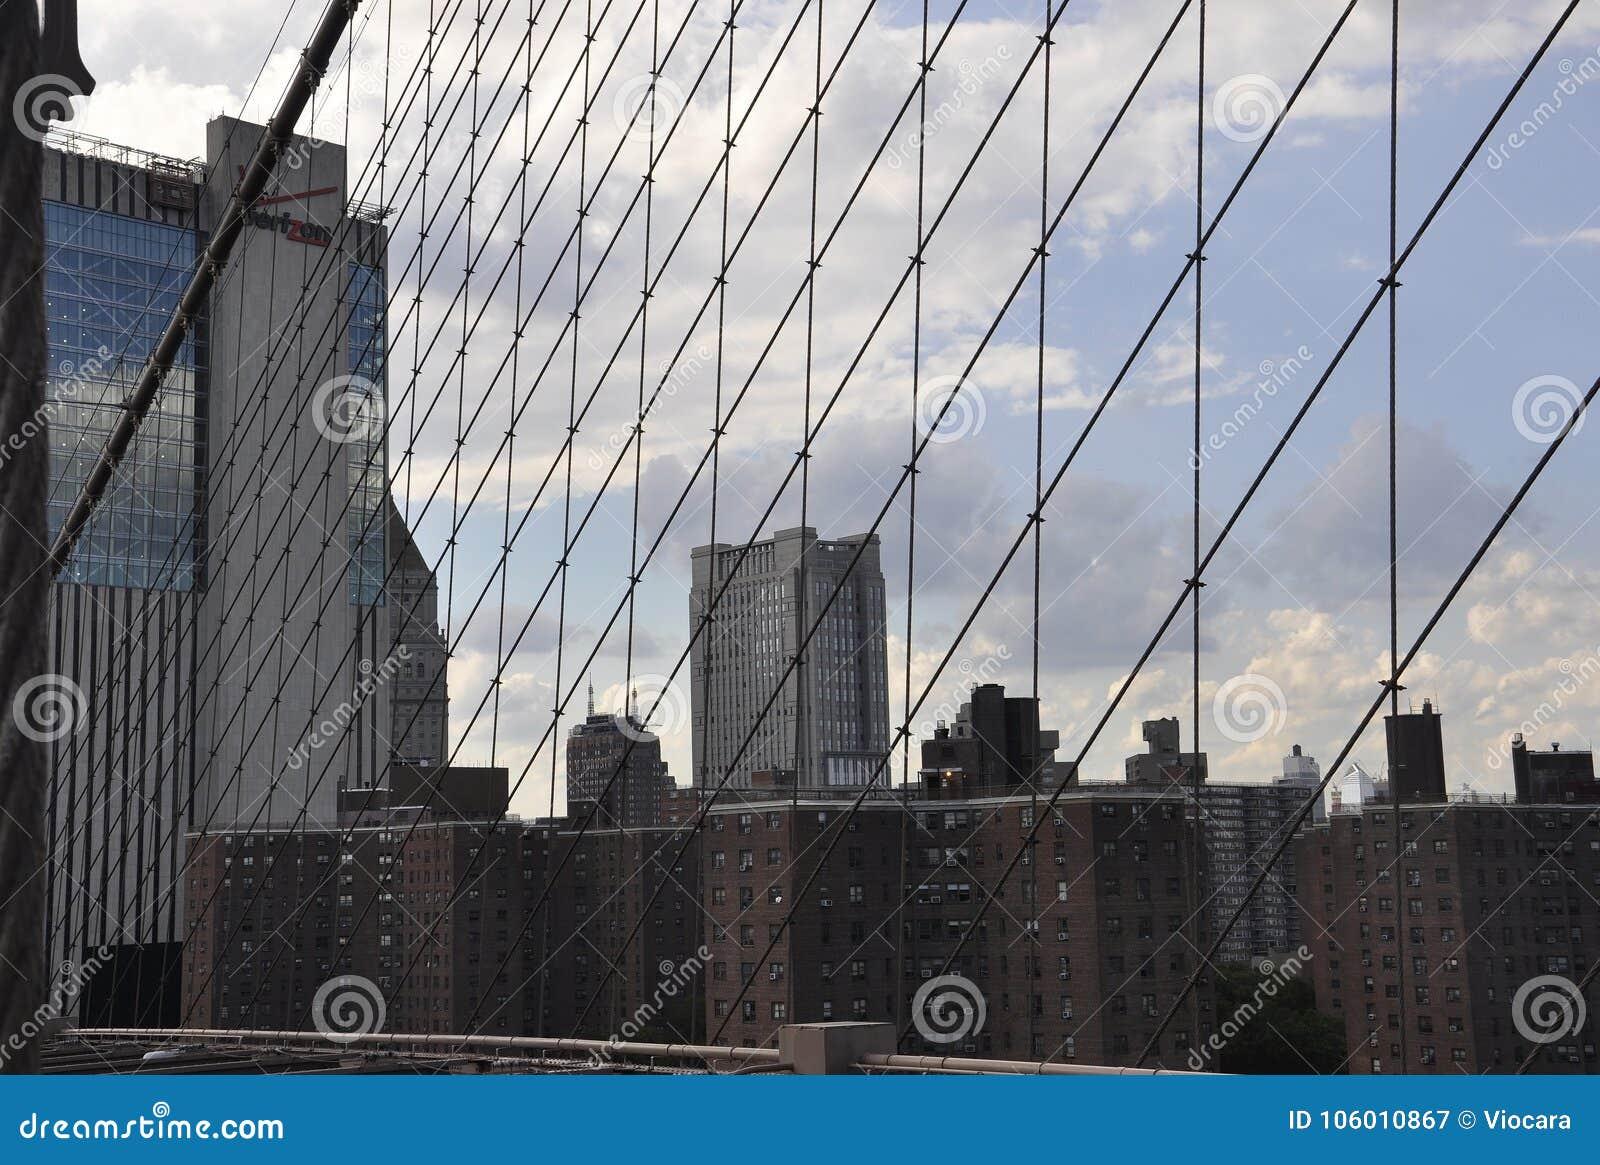 Понизьте взгляд Манхаттана от Бруклинского моста над Ист-Ривер от Нью-Йорка в Соединенных Штатах